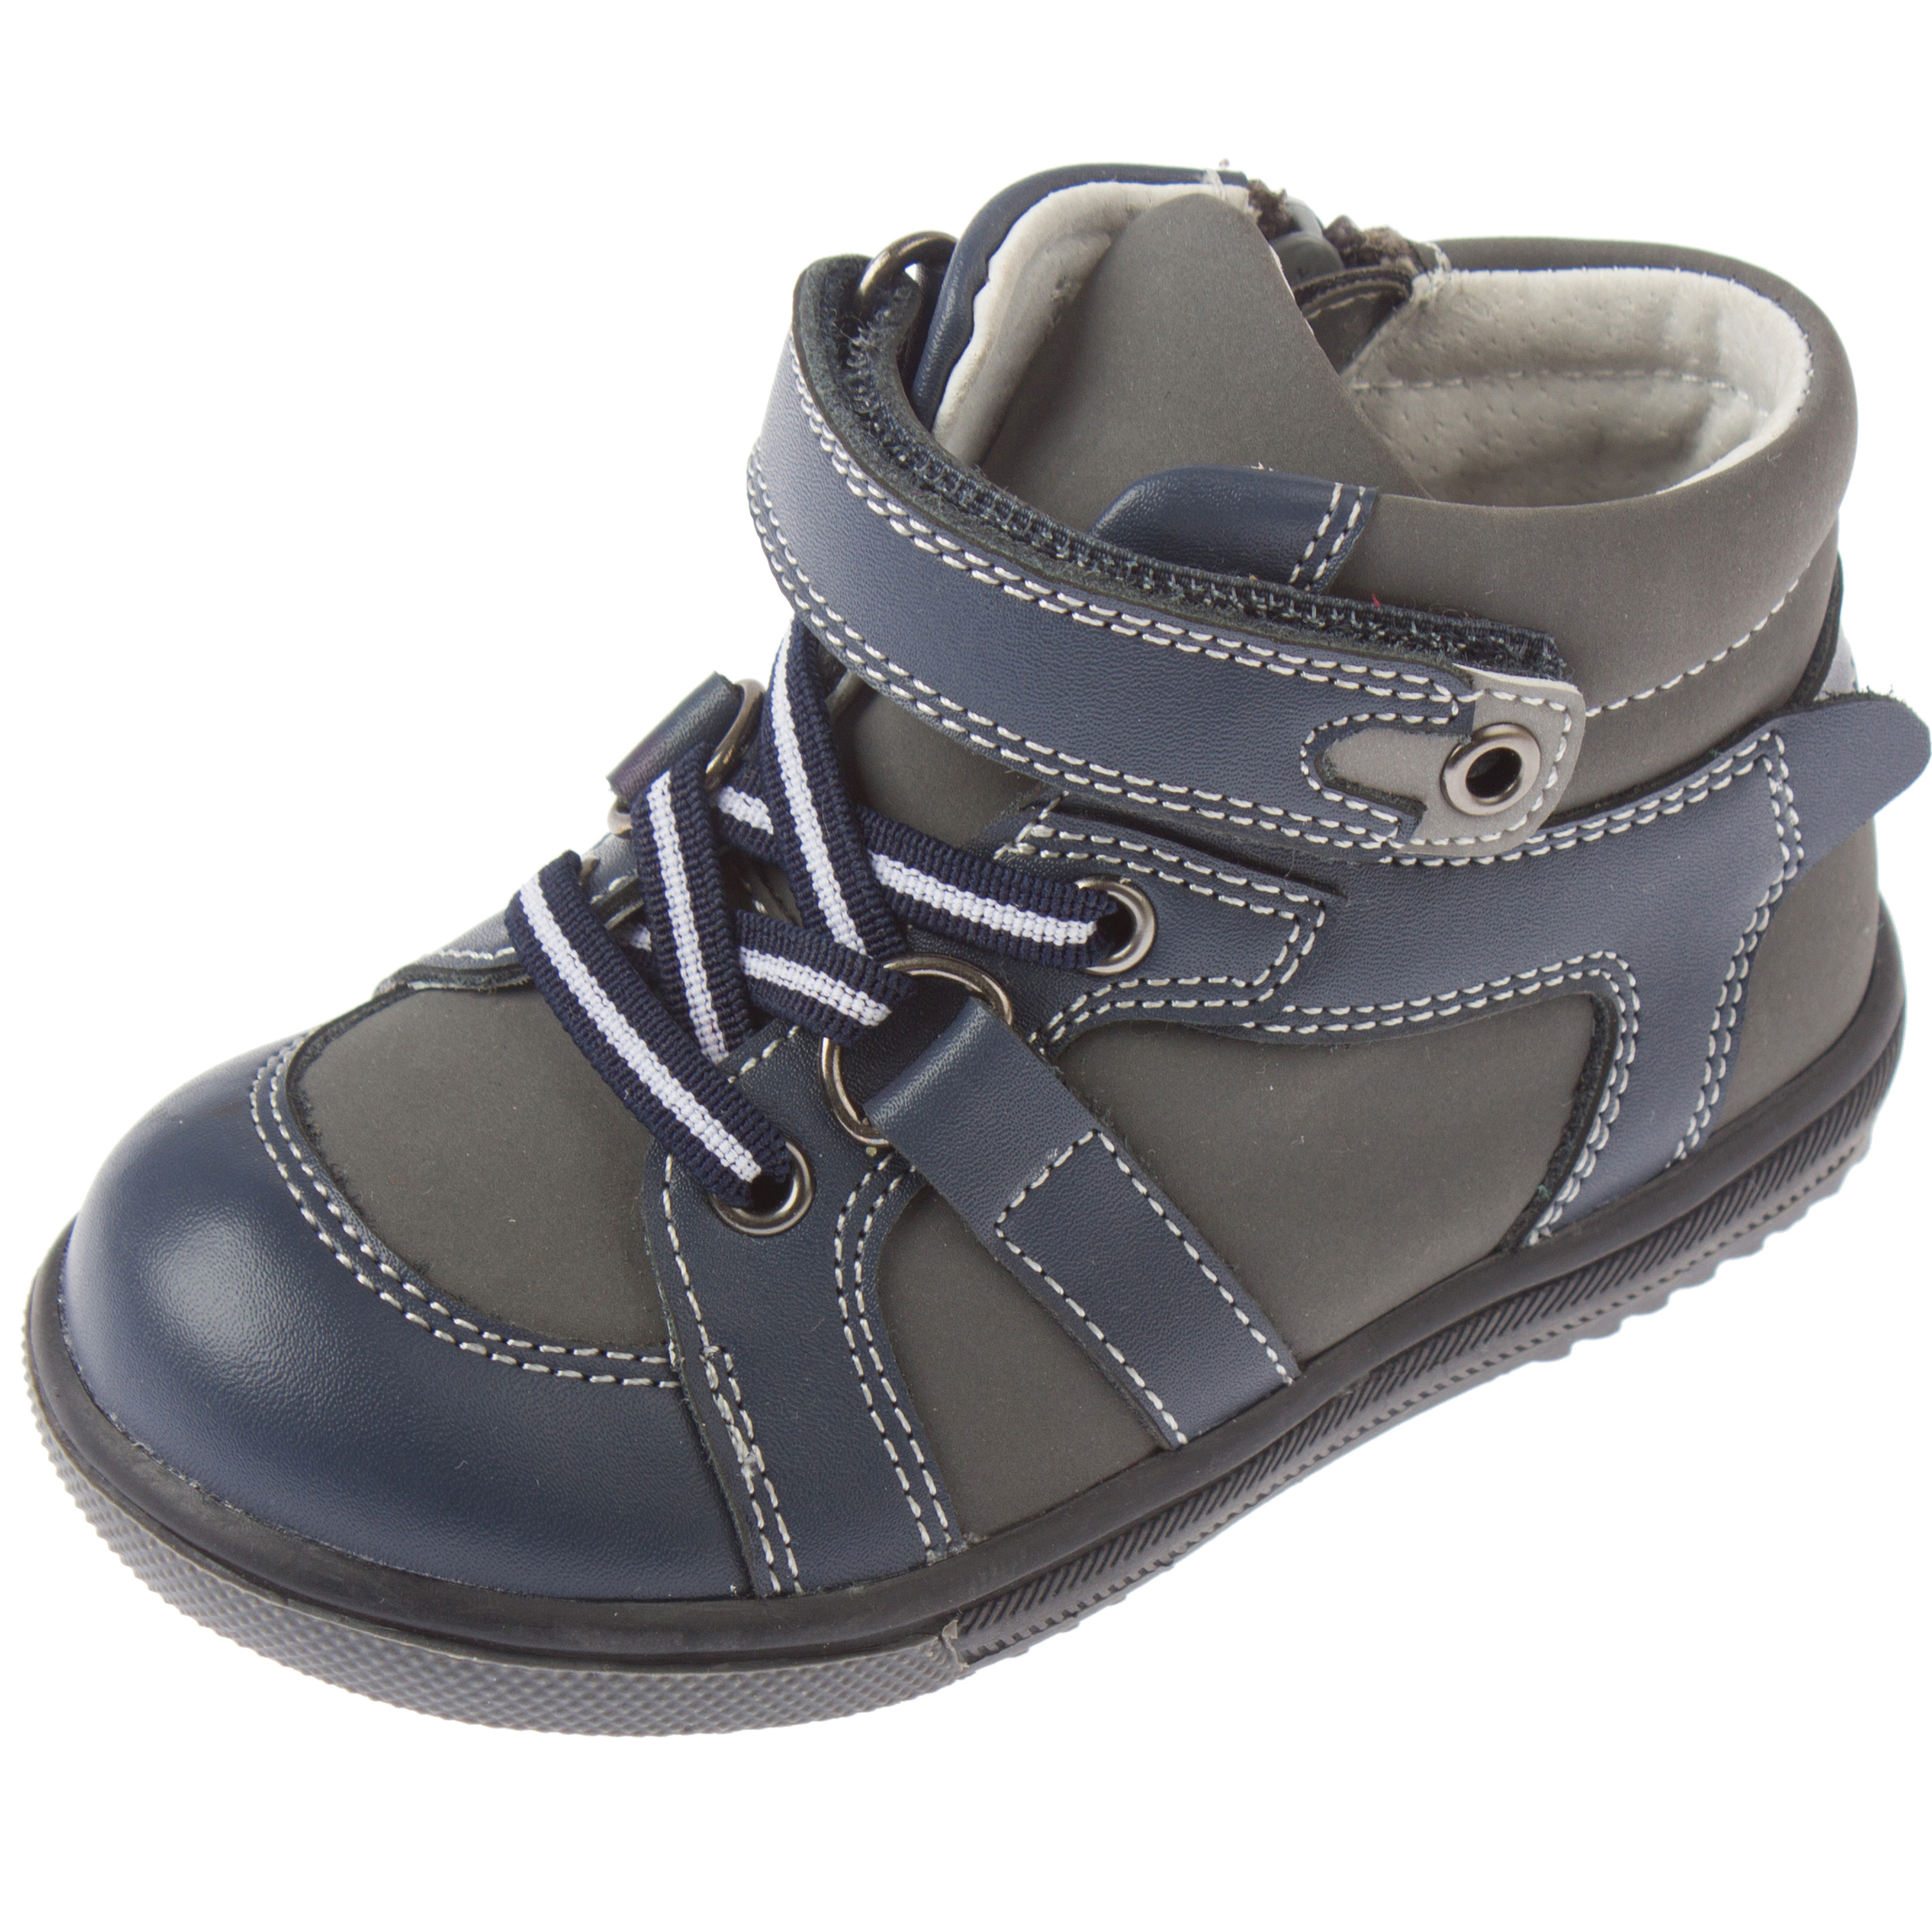 46d90e1c8 358211 Серые ботинки для девочки PlayToday Baby PlayToday Baby ...